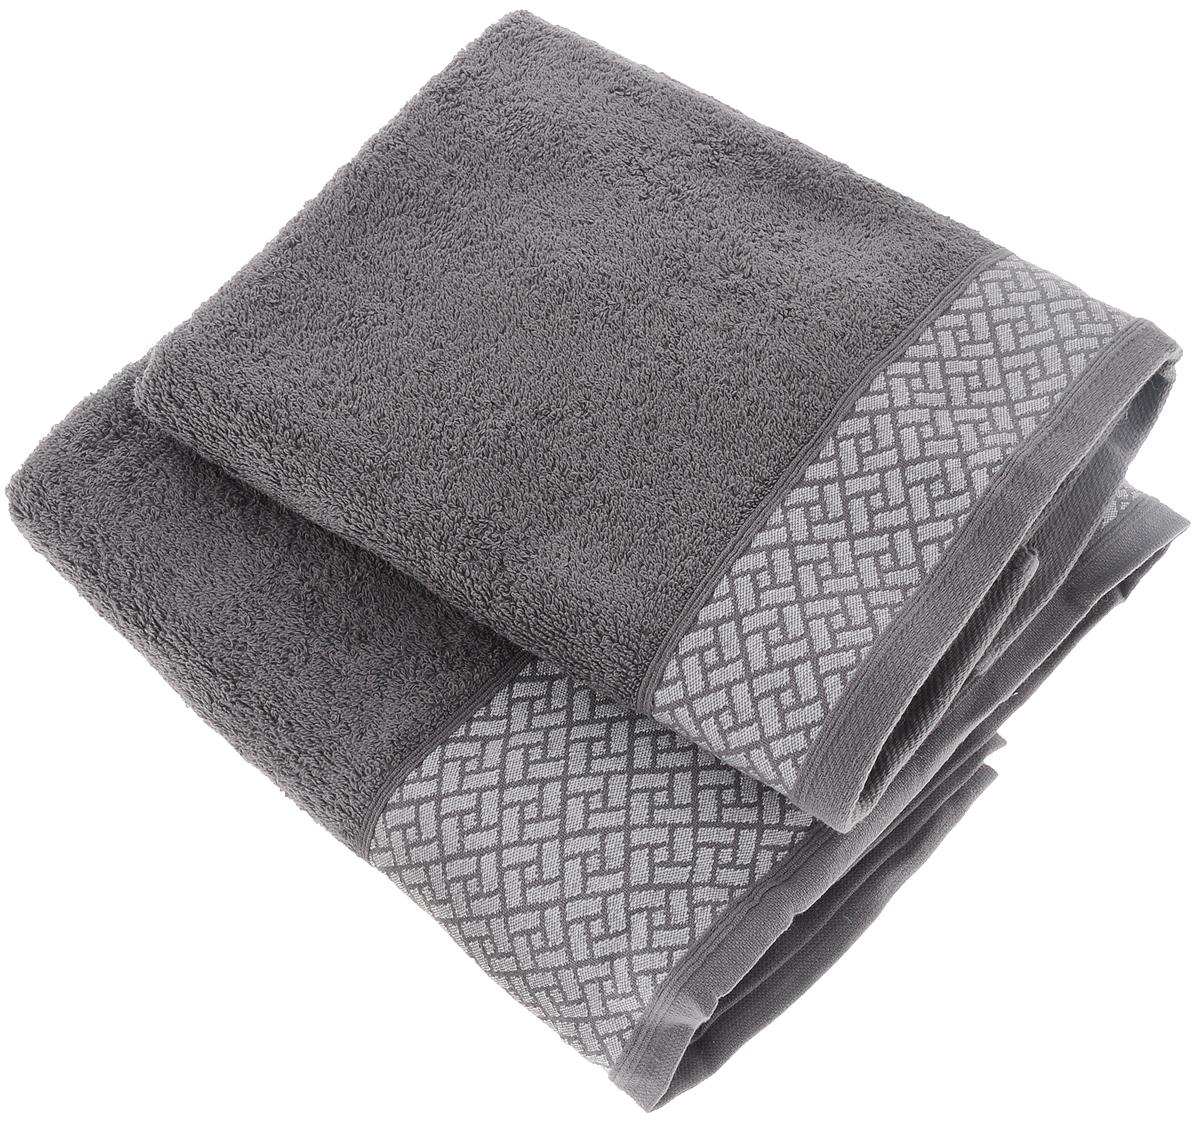 Набор полотенец Tete-a-Tete Лабиринт, цвет: серый, 50 х 90 см, 2 шт391602Набор Tete-a-Tete Лабиринт состоит из двух махровых полотенец, выполненных из натурального 100% хлопка. Бордюр полотенец декорирован геометрическим узором. Изделия мягкие, отлично впитывают влагу, быстро сохнут, сохраняют яркость цвета и не теряют форму даже после многократных стирок. Полотенца Tete-a-Tete Лабиринт очень практичны и неприхотливы в уходе. Они легко впишутся в любой интерьер благодаря своей нежной цветовой гамме. Набор упакован в красивую коробку и может послужить отличной идеей для подарка.Размер полотенец: 50 х 90 см.